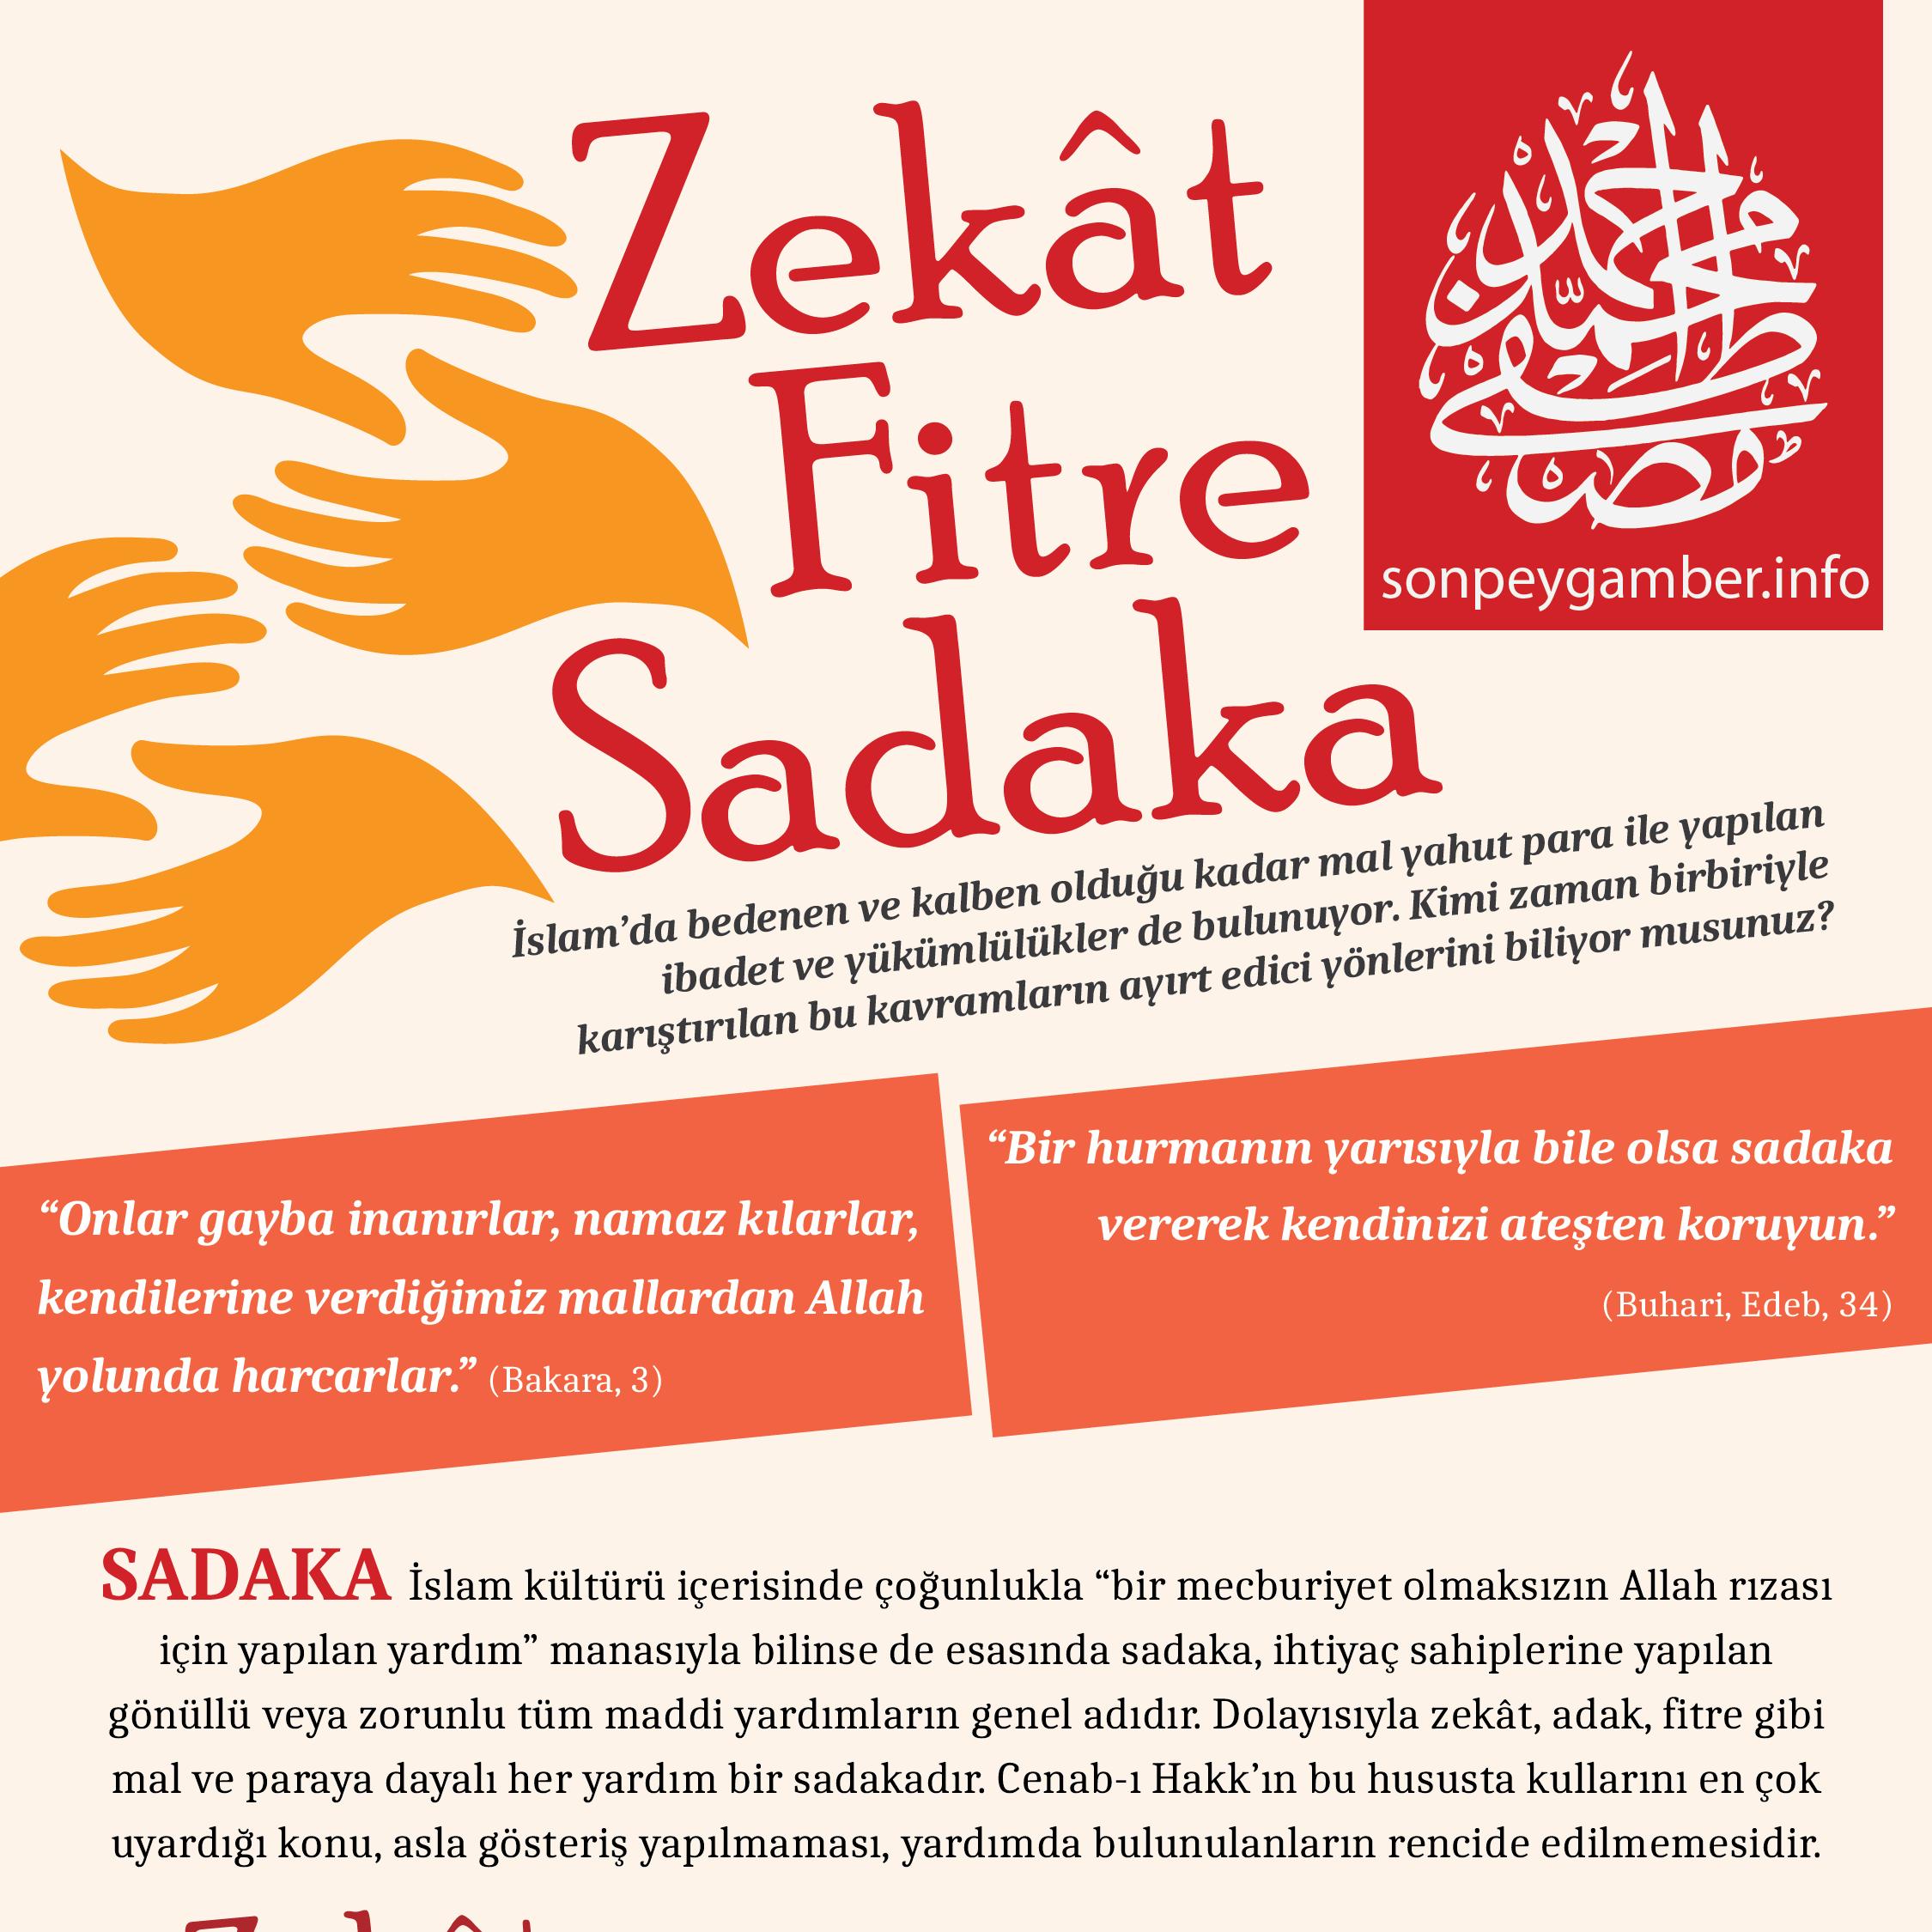 İnfografik: Zekât, Fitre, Sadaka